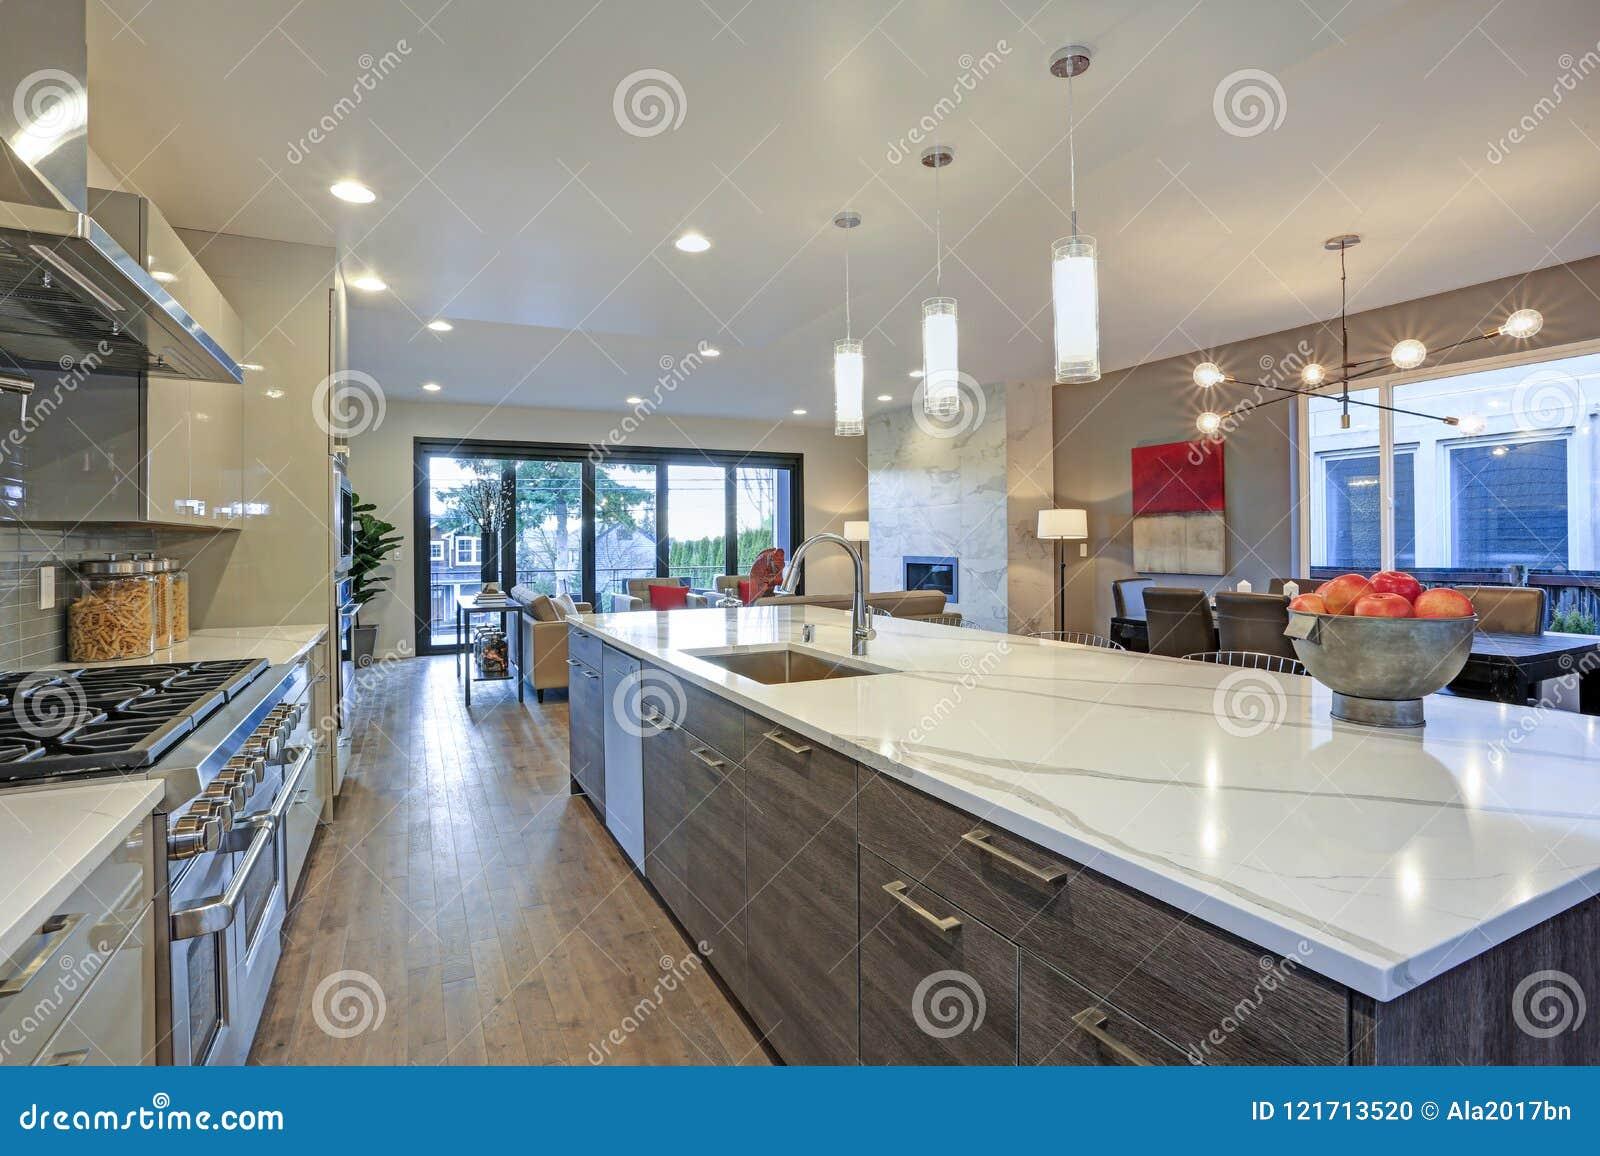 Sleek Modern Kitchen Design With A Long Center Island